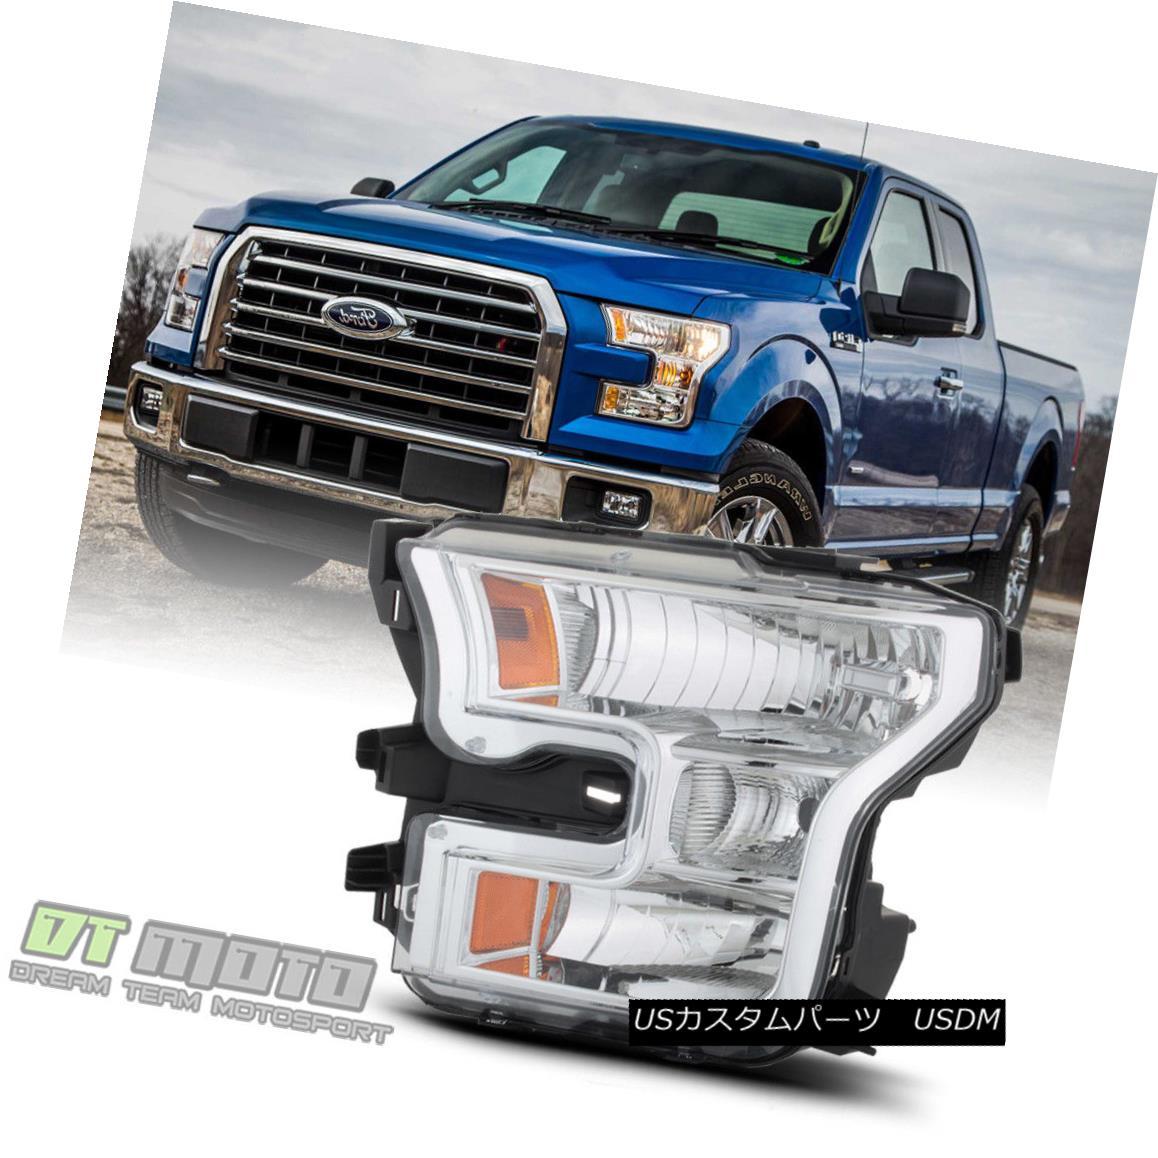 ヘッドライト 2015 2016 2017 Ford F150 Halogen Headlight Headlamp Replacement Left Driver Side 2015 2016 2017フォードF150ハロゲンヘッドライトヘッドランプ交換左ドライバ側